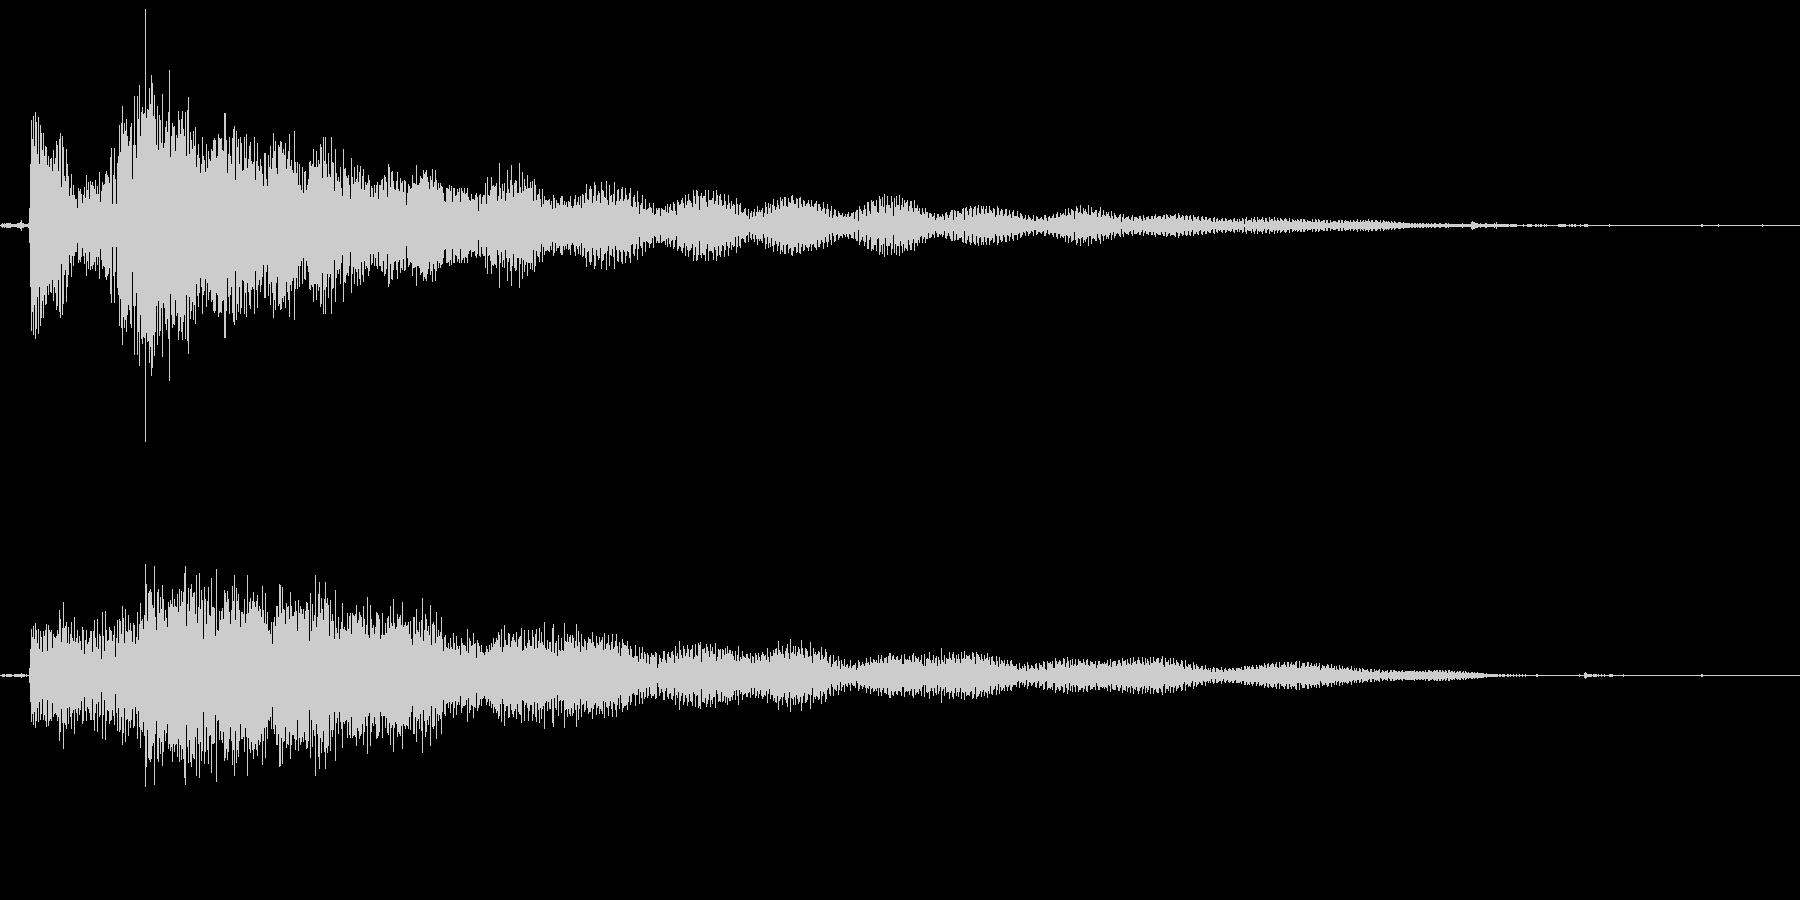 謎めいた場面転換音の未再生の波形